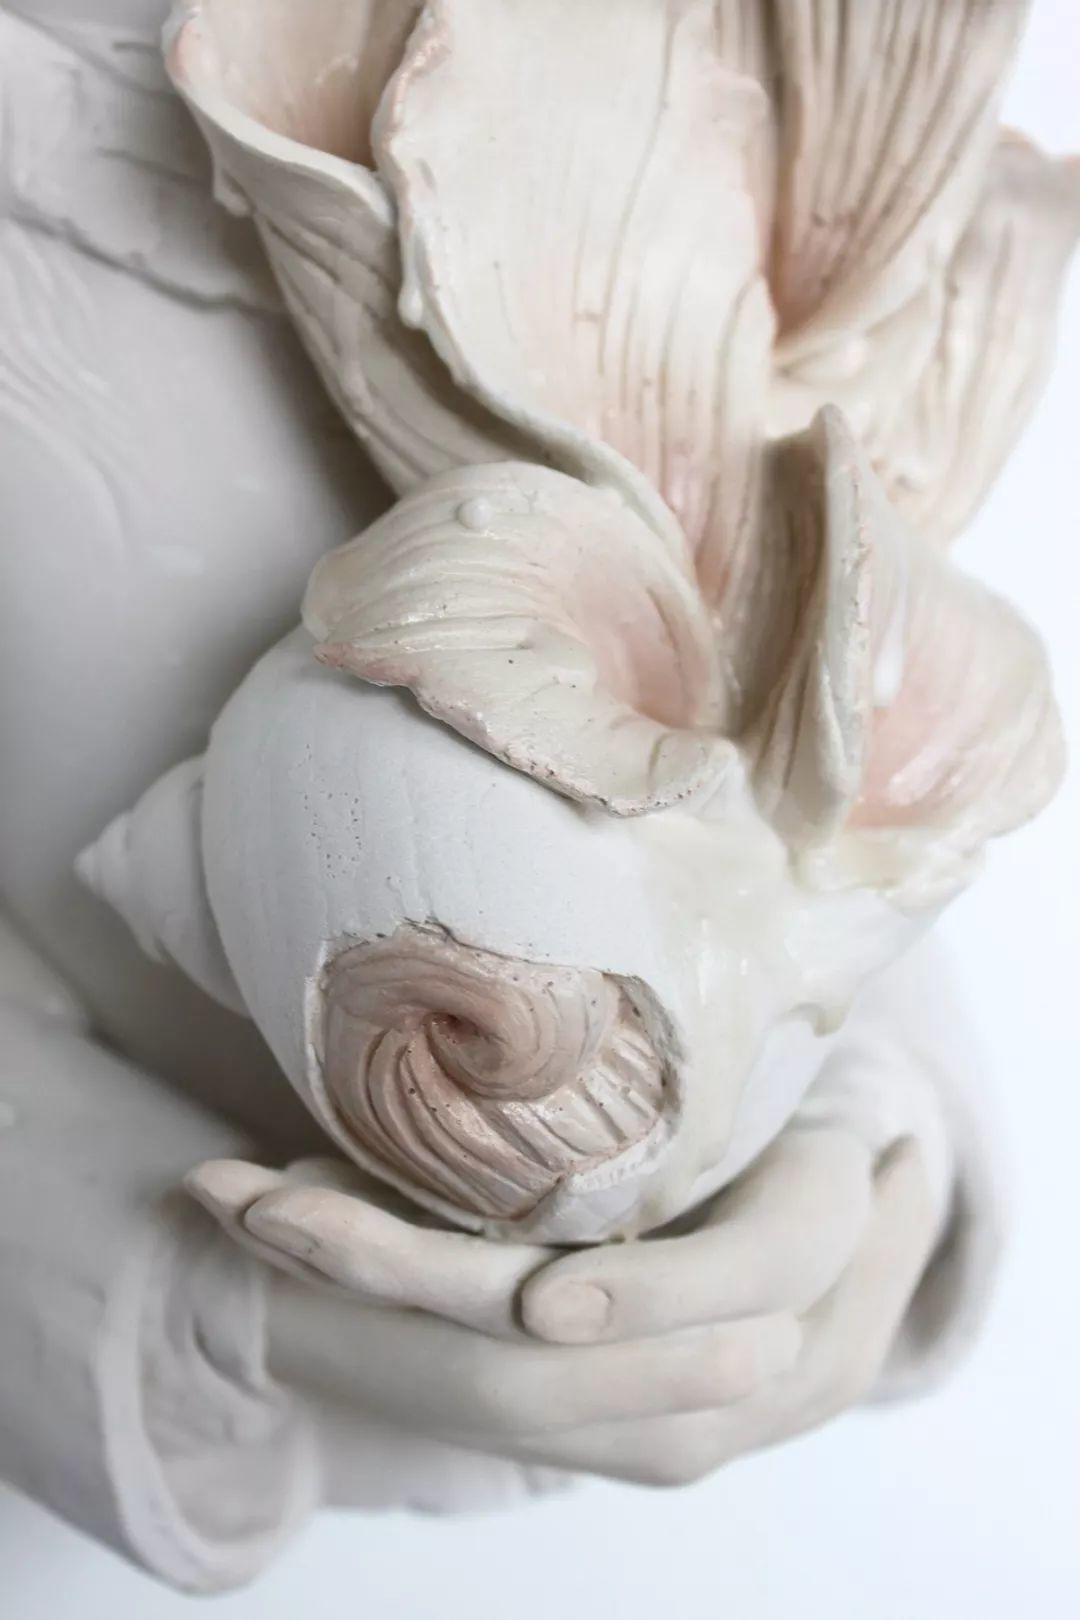 美女艺术家的雕塑,直抵天真、美丽和纯净的灵魂插图63